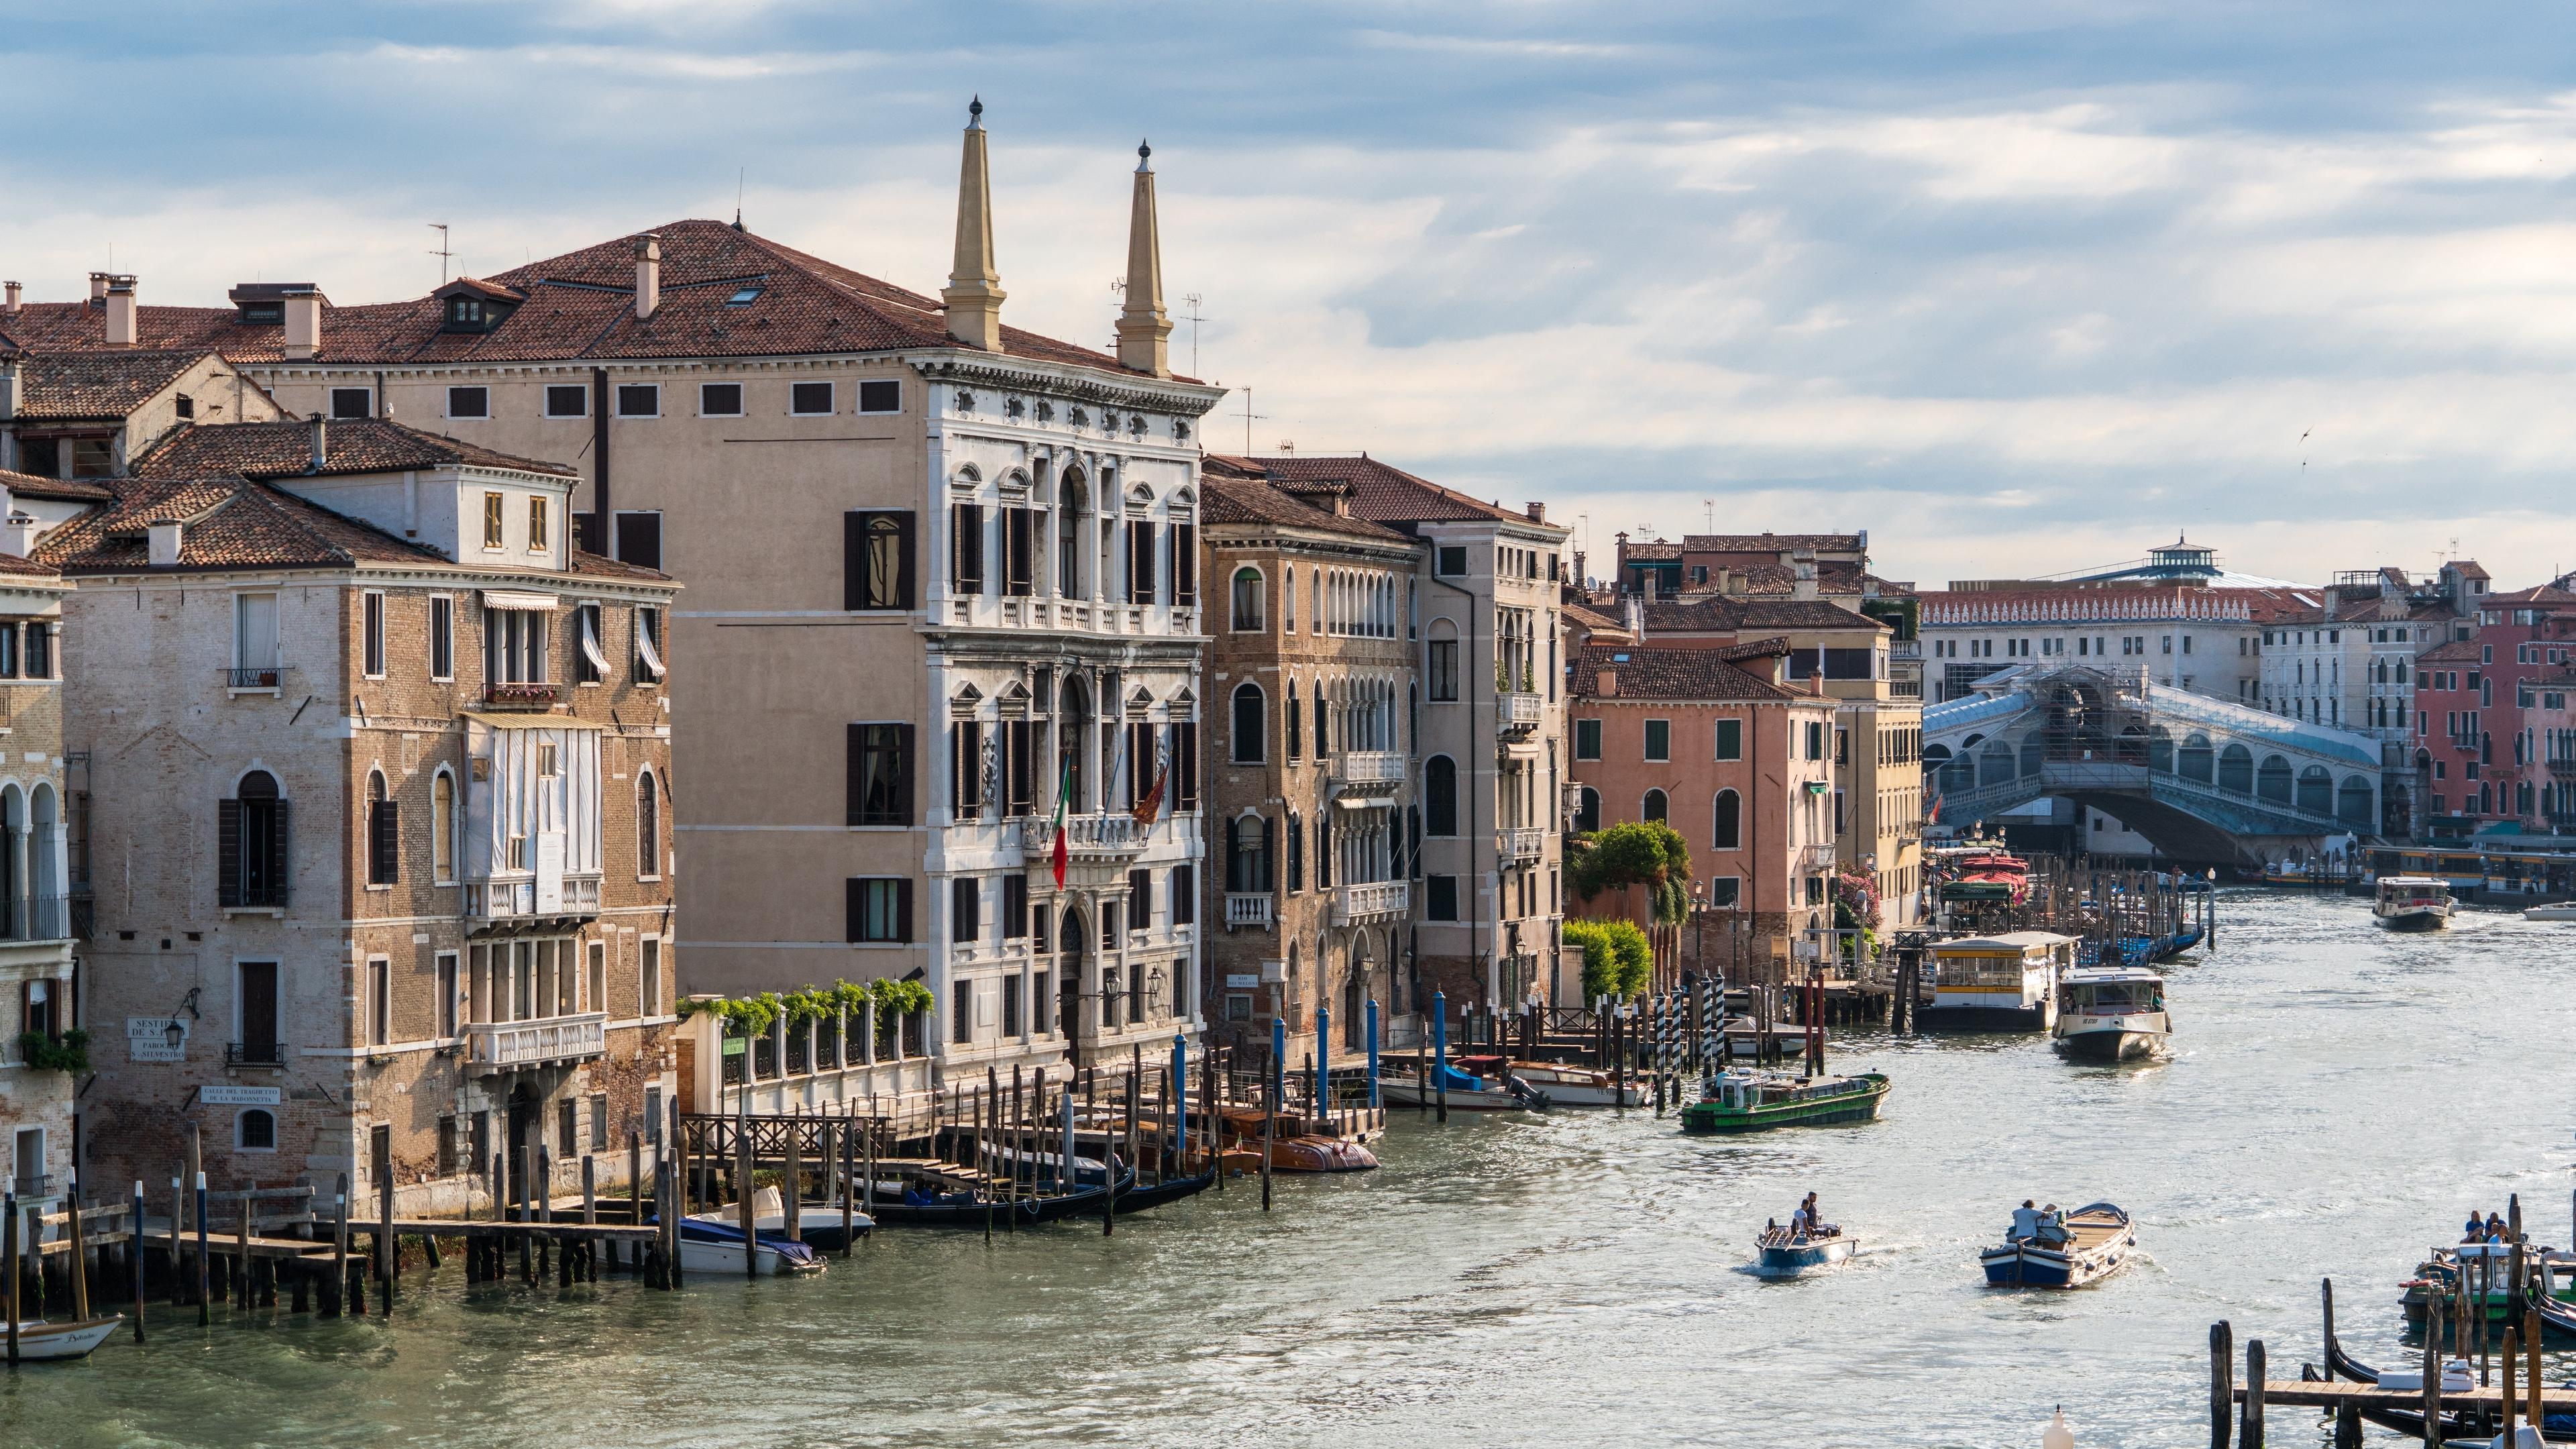 venice italy rialto canal 4k 1538066363 - venice, italy, rialto, canal 4k - Venice, Rialto, Italy